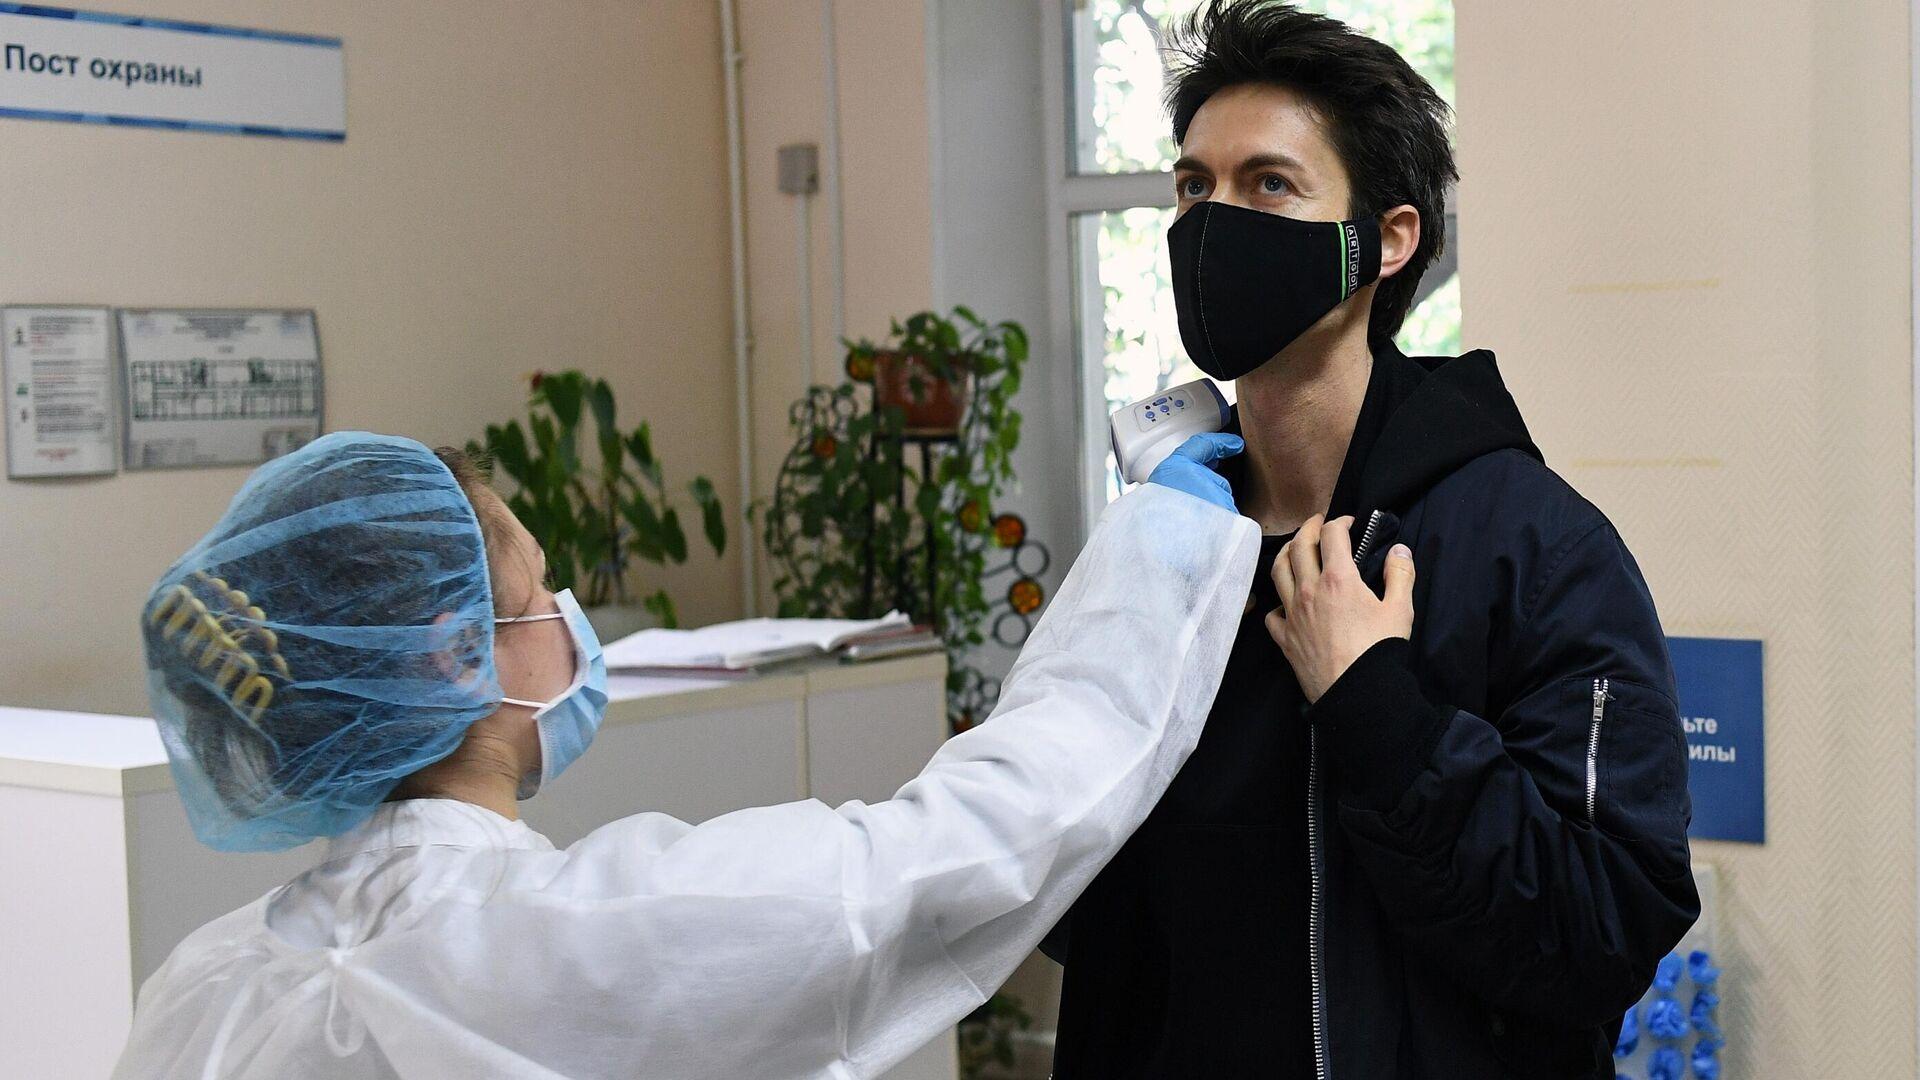 Медицинский работник измеряет температуру у мужчины перед сдачей анализа на антитела к коронавирусу COVID-19 в одной городских поликлиник в Москве - РИА Новости, 1920, 27.10.2020